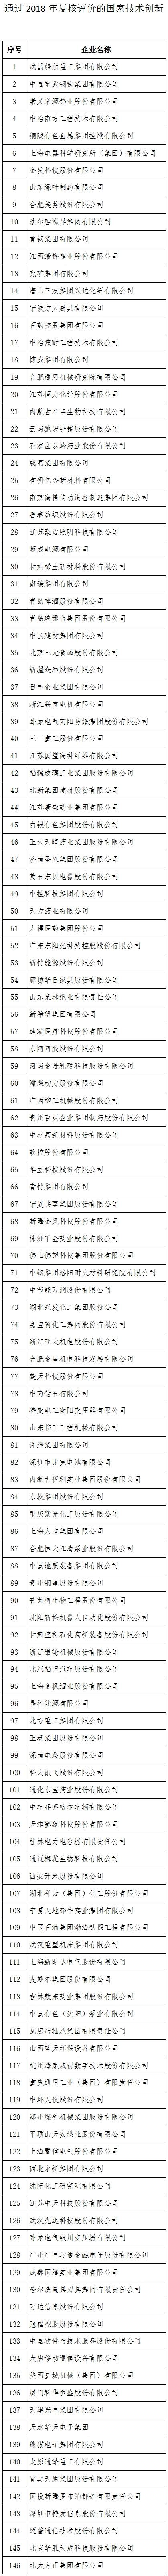 通过2018年复核评价的国家技术创新示范企业名单